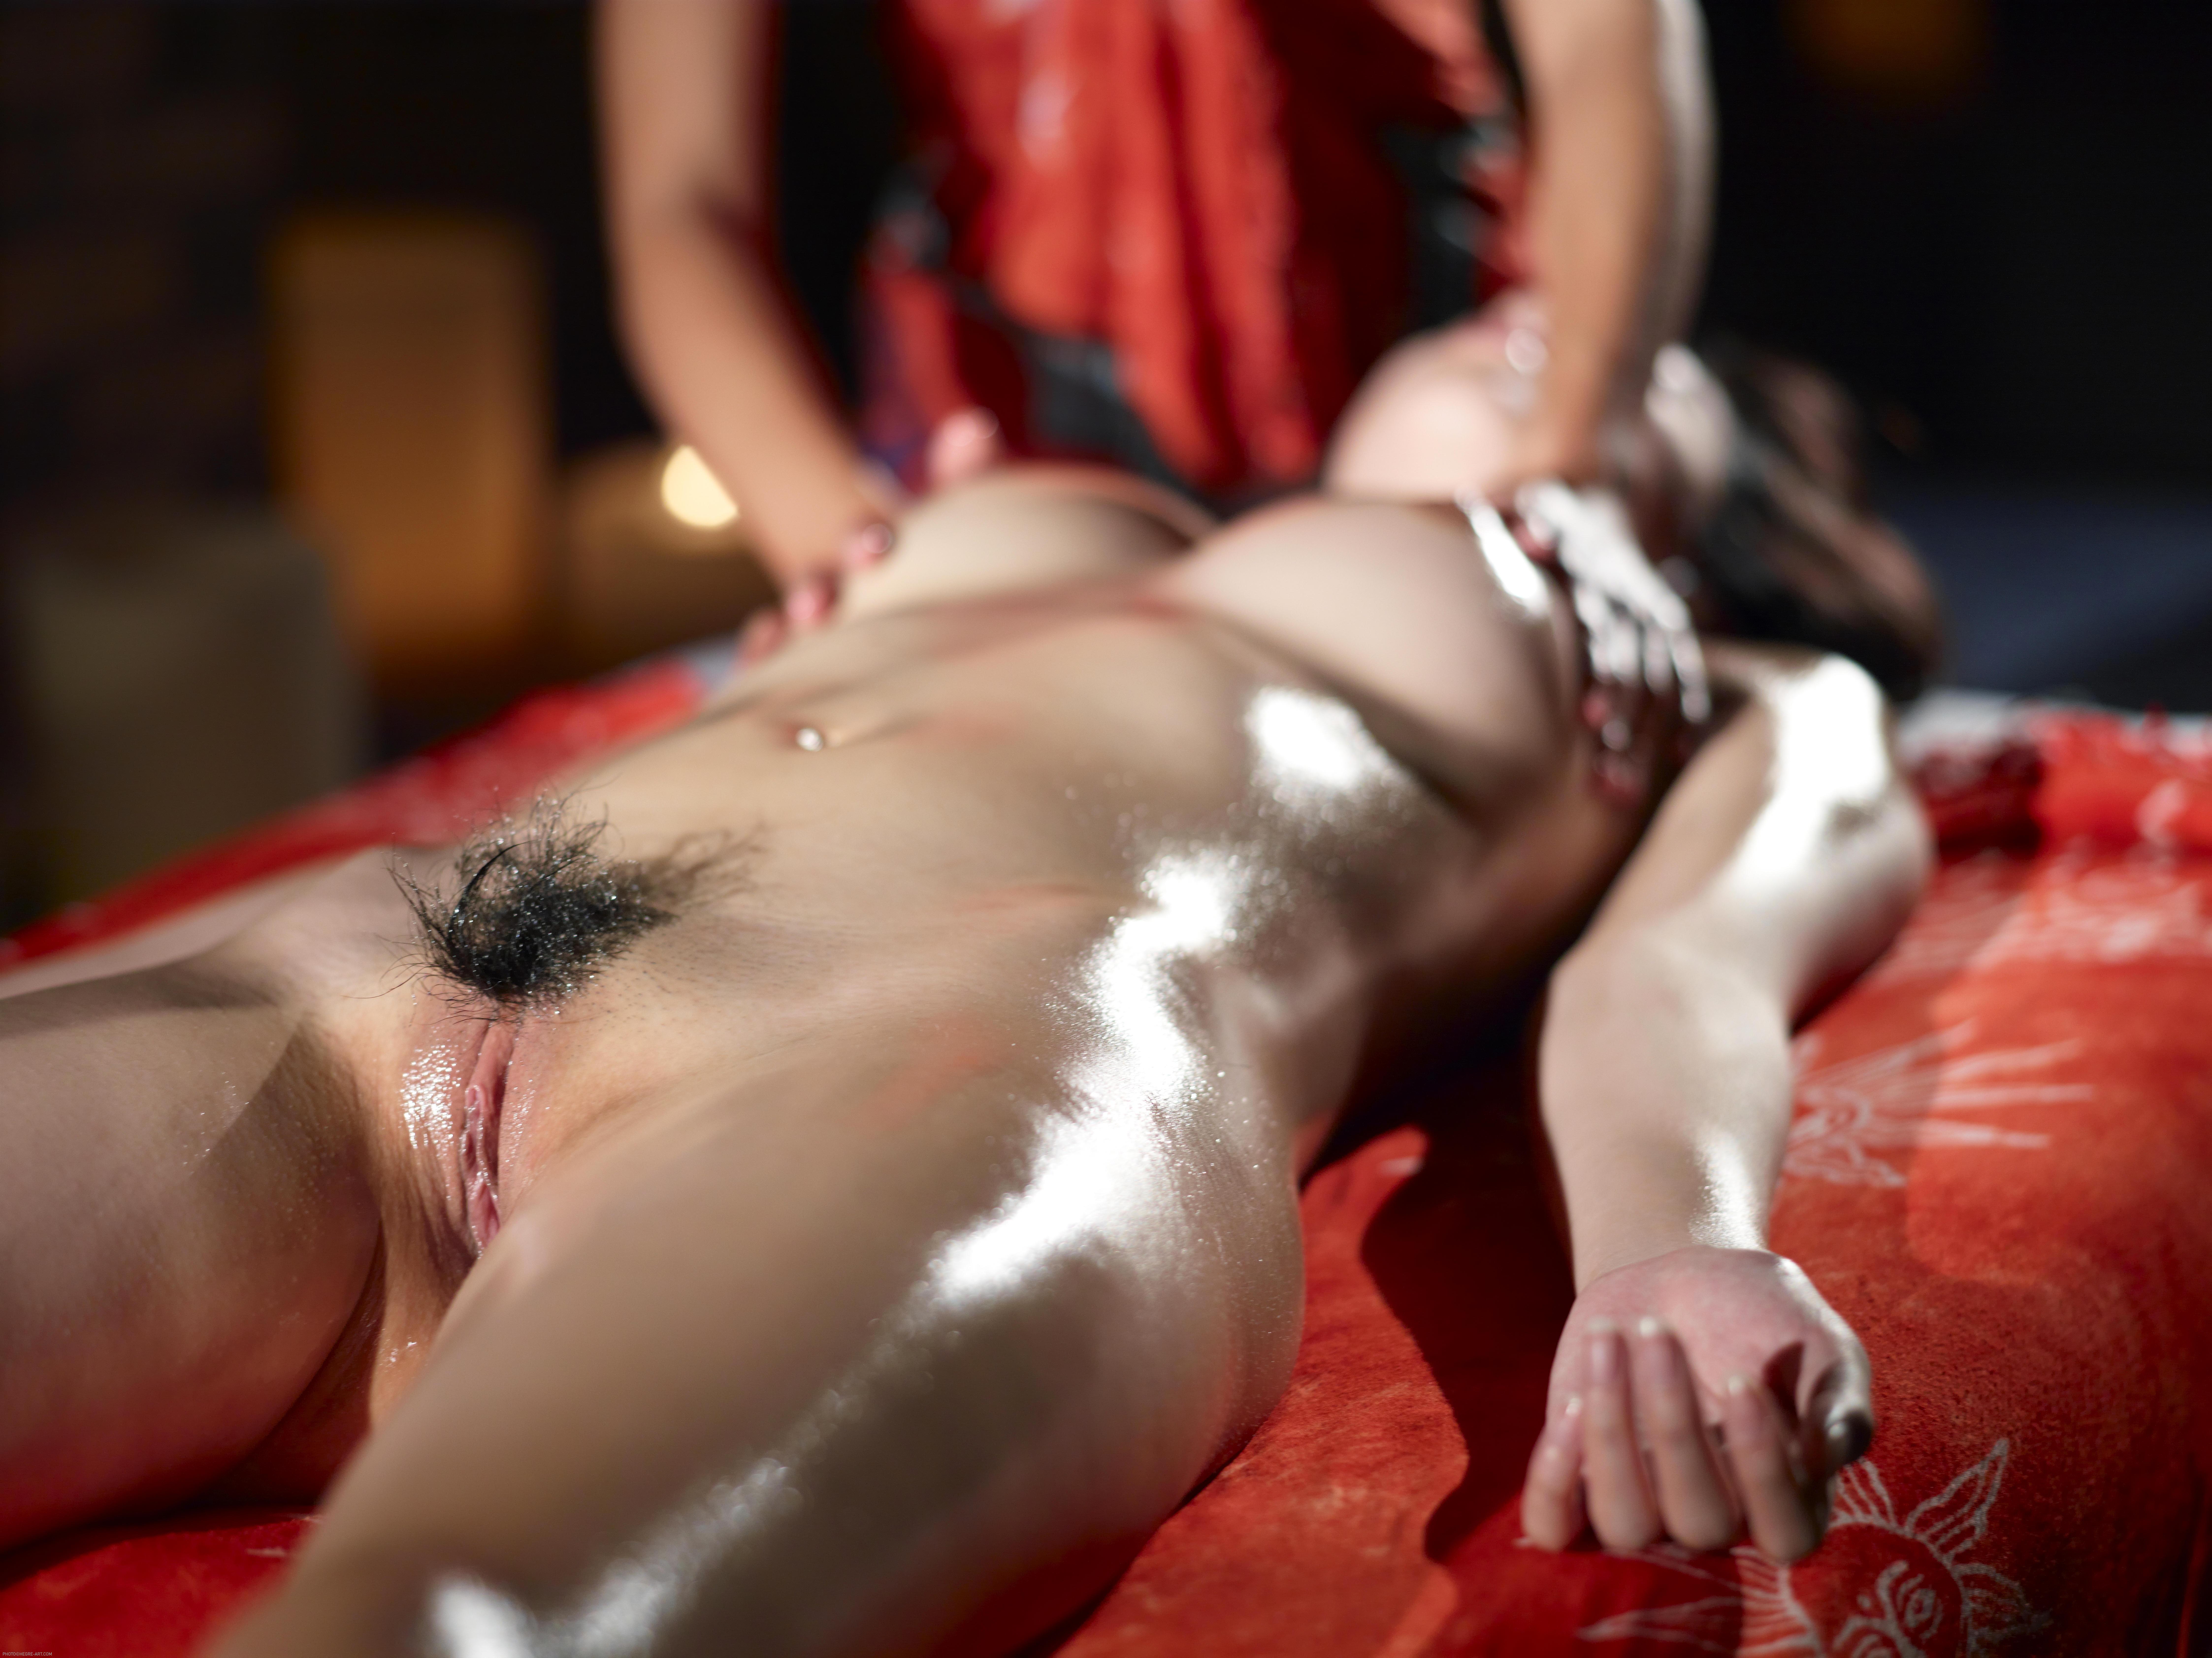 gratis pirno yoni massage